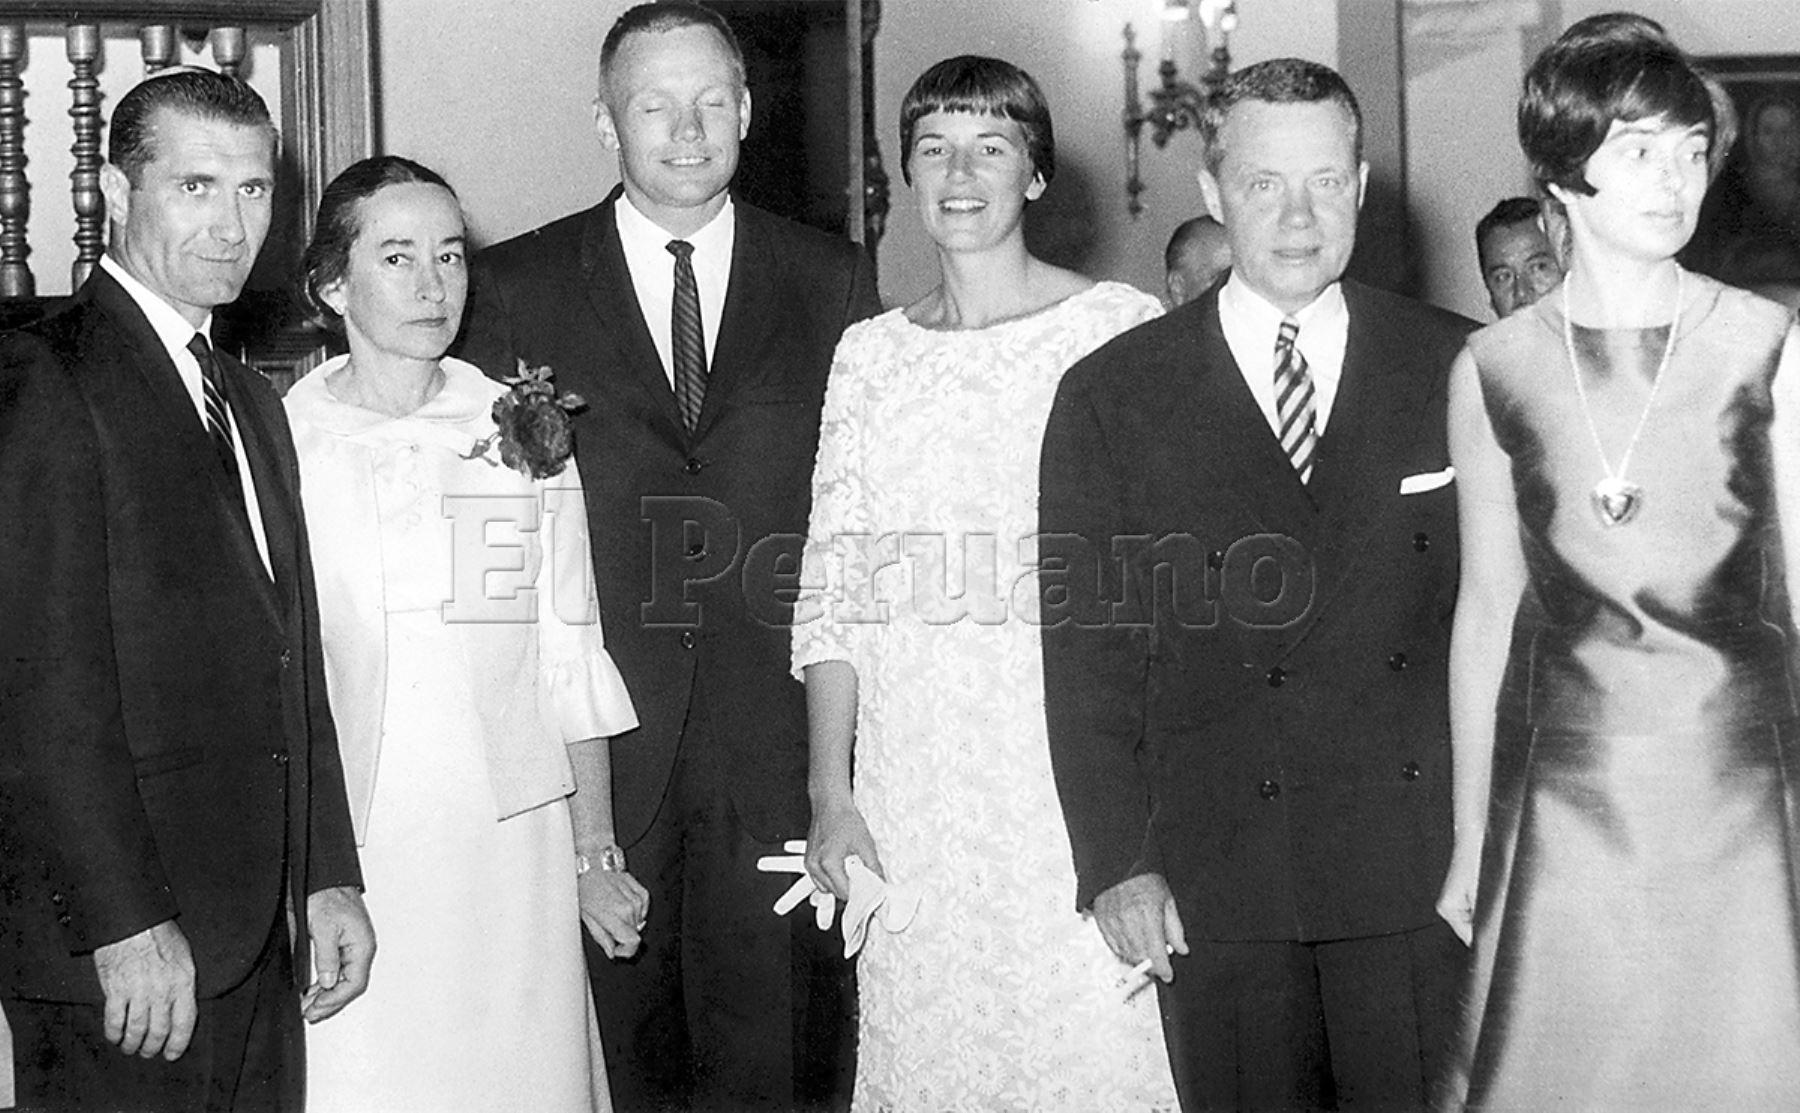 Lima 14 octubre 1966 / La embajada de los Estados Unidos en Lima ofreció una recepción a los astronautas Richard Gordon y Neil Armstrong, quienes visitan Lima en compañía de sus esposas. Foto: Archivo Histórico de EL PERUANO